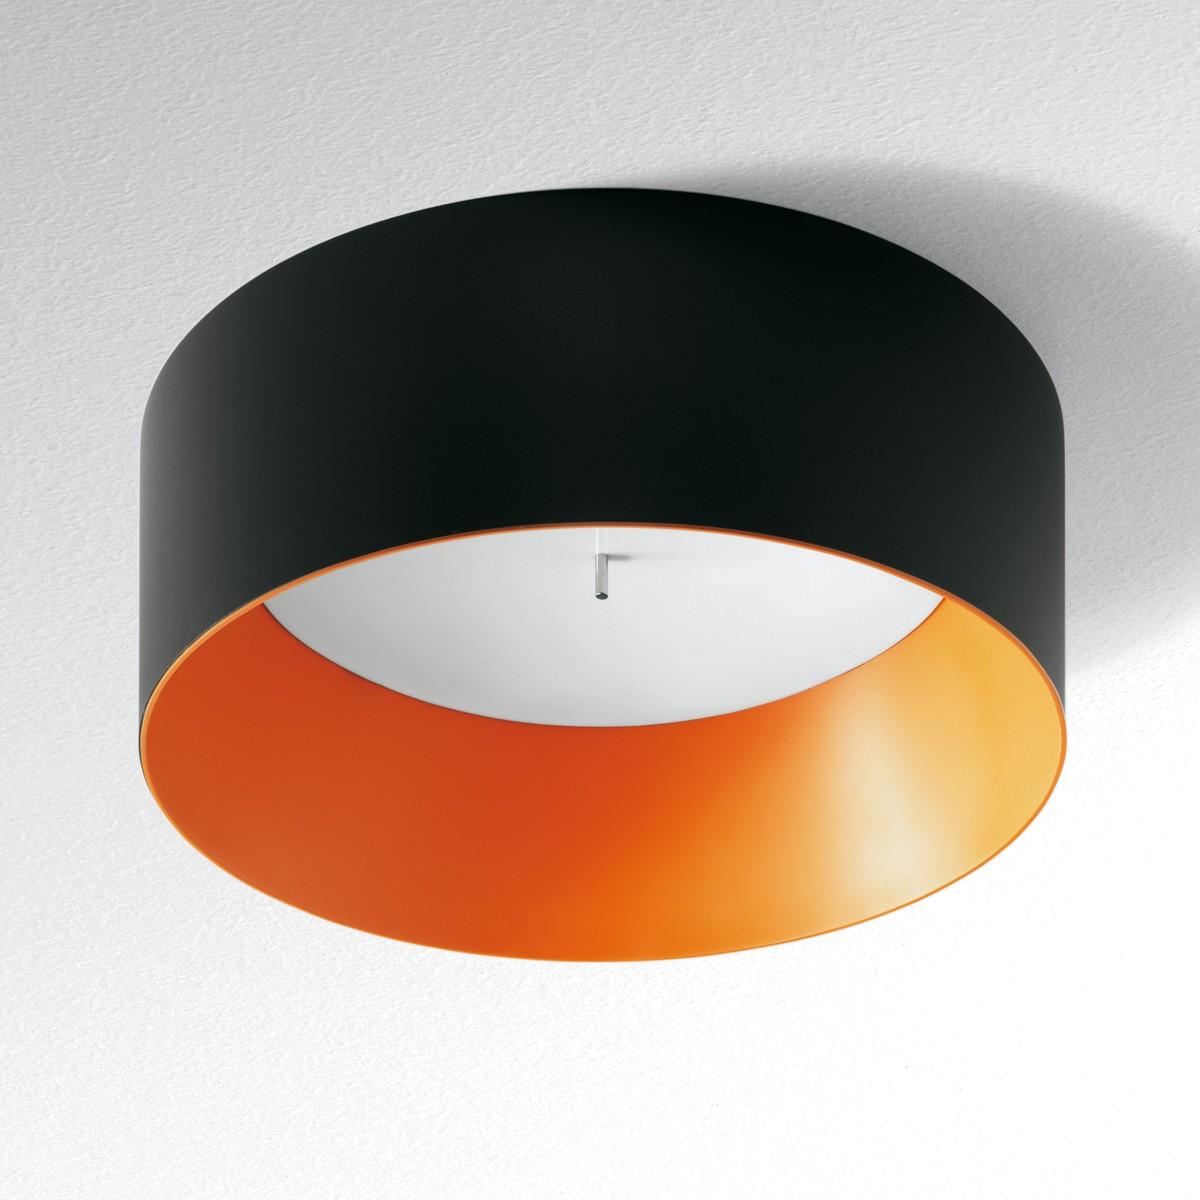 Artemide Architectural Tagora 570 Deckenleuchte, nicht dimmbar, schwarz - orange